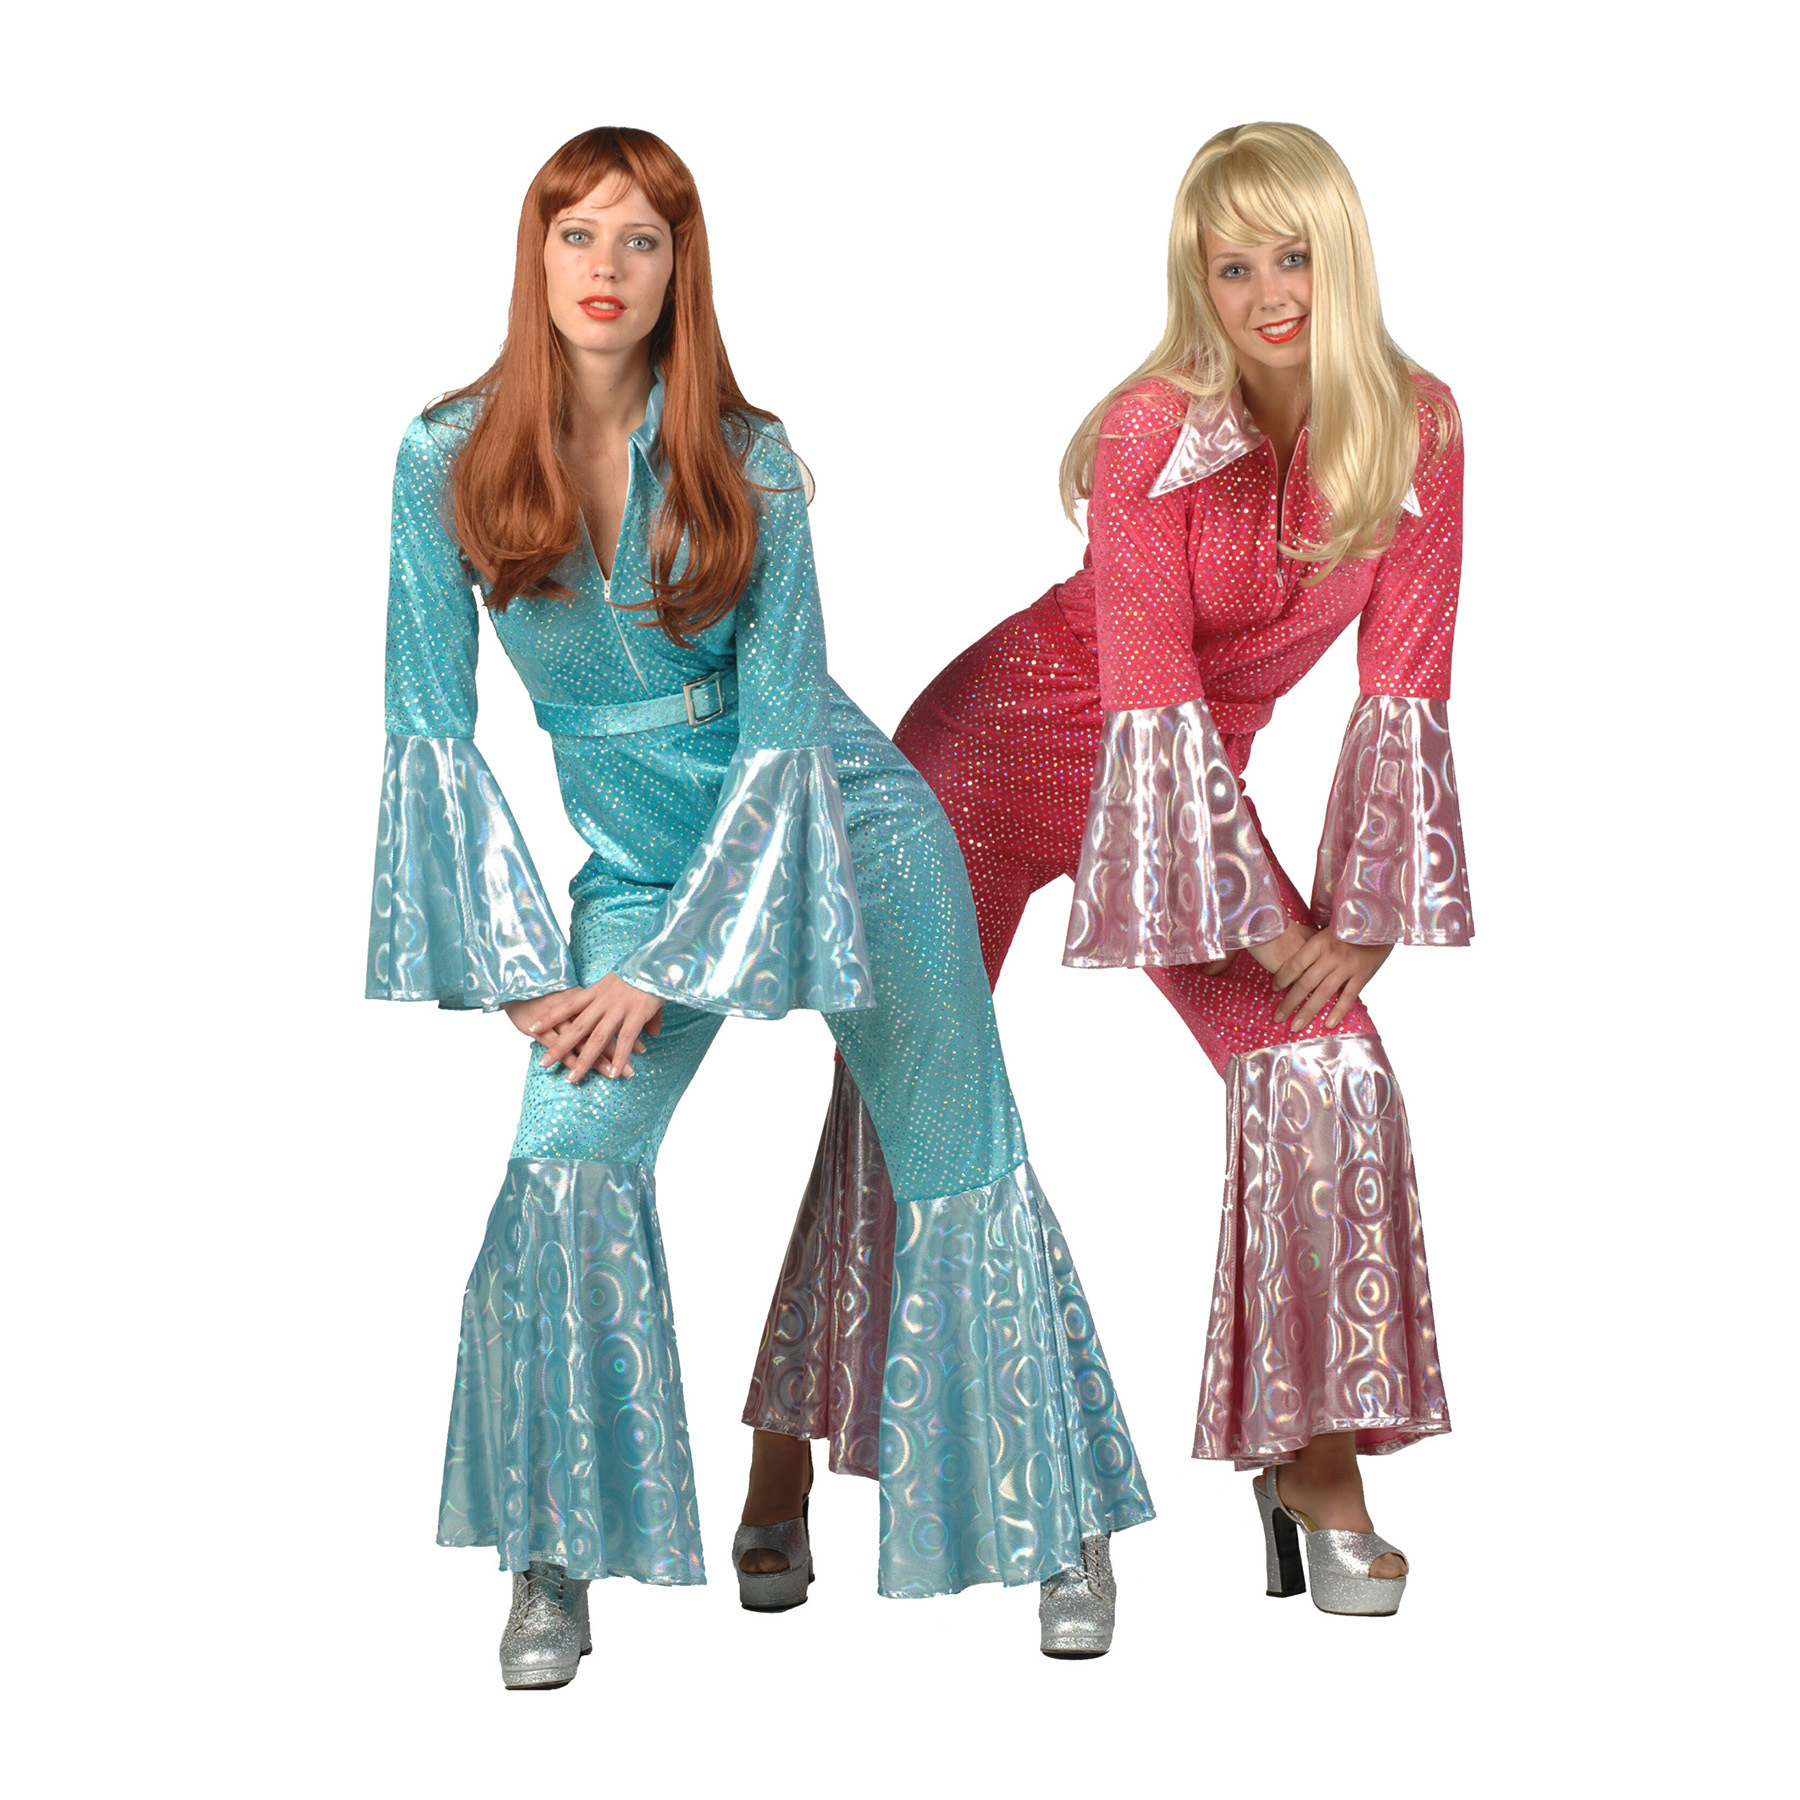 ABBA Kostüme & Accessoires |